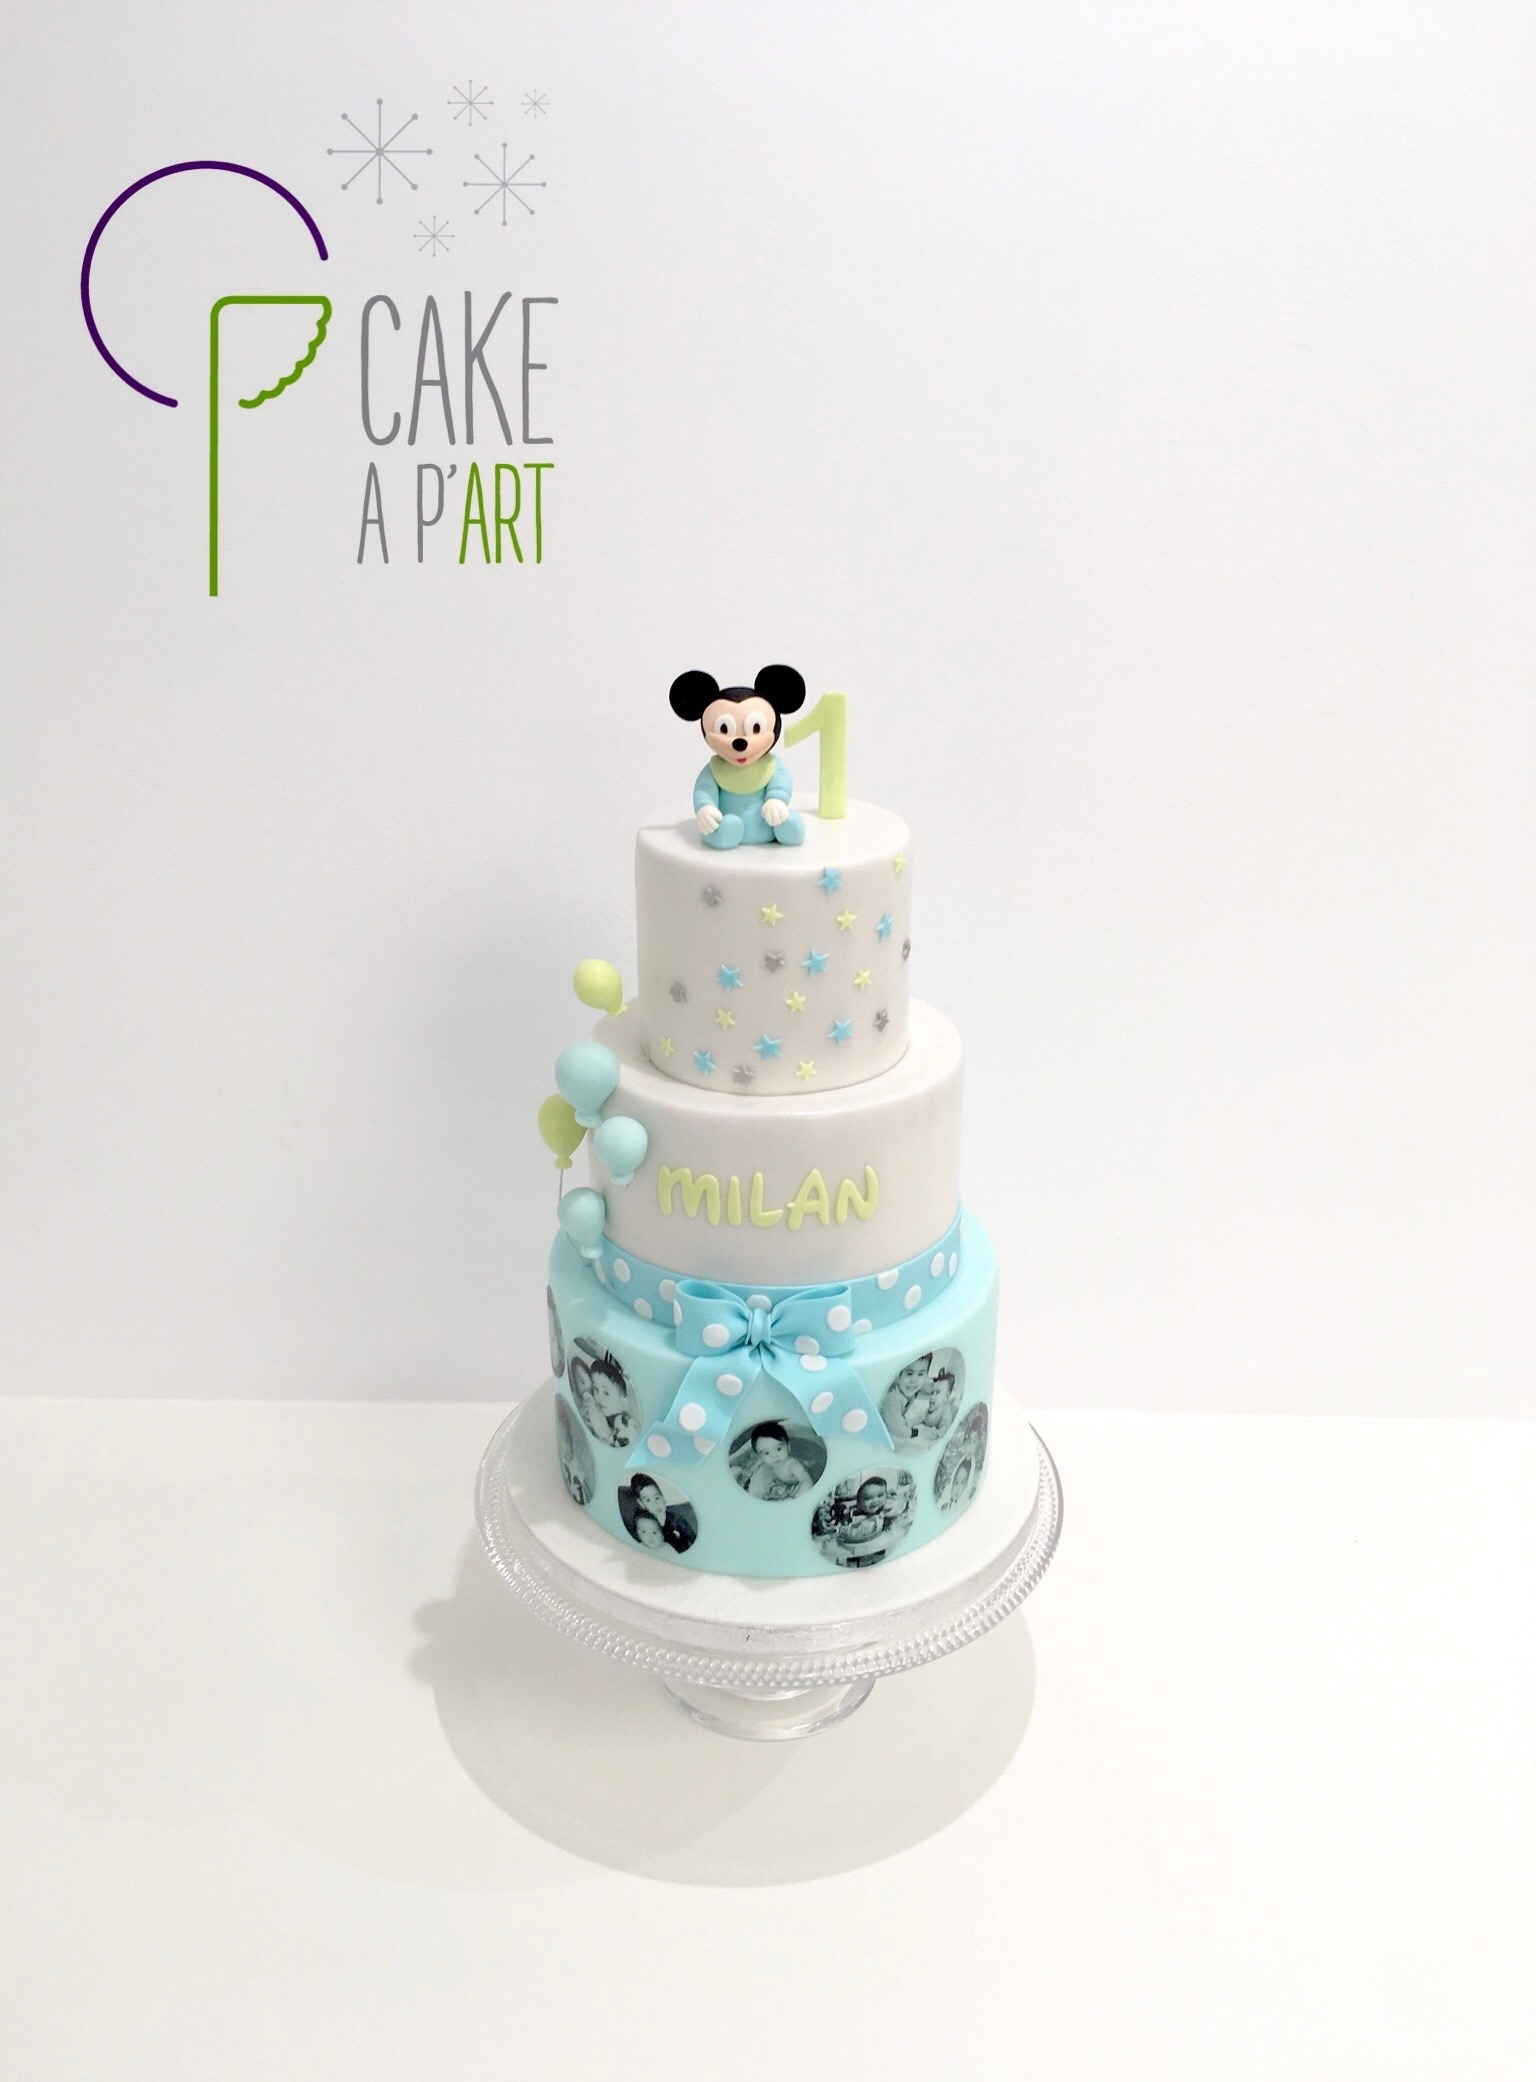 - Gâteau personnalisé anniversaire enfant - Thème Mickey bébé